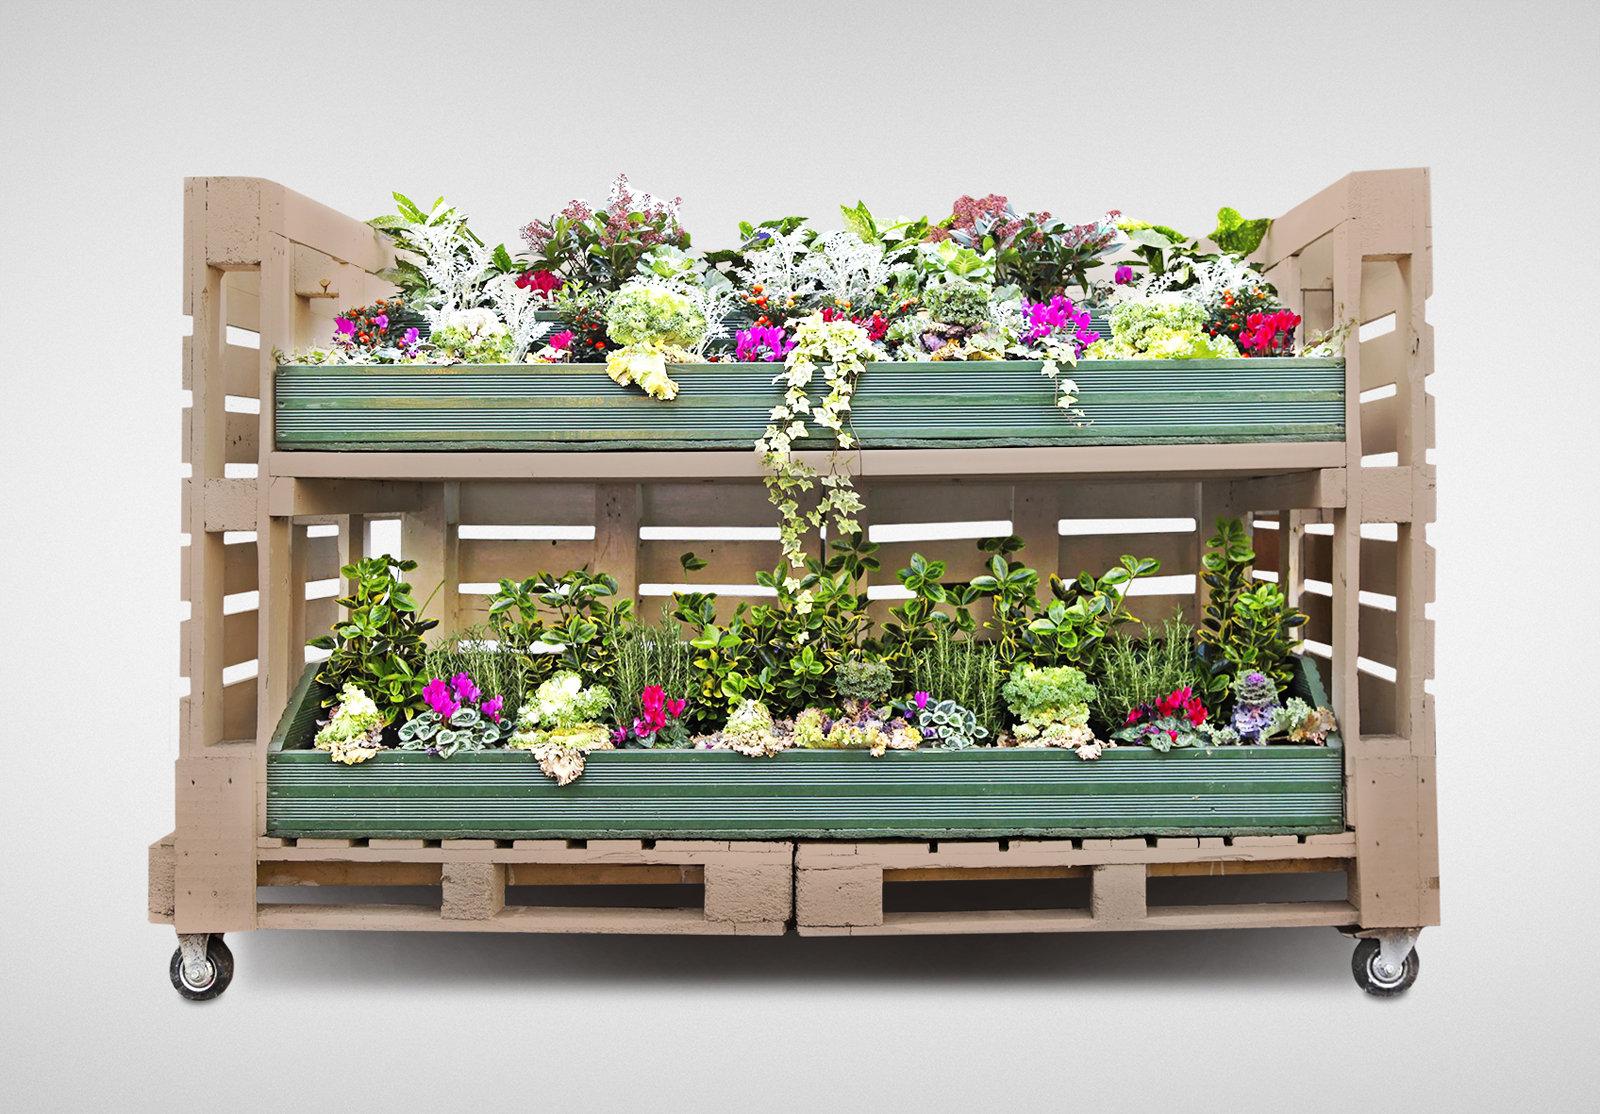 Mobili Da Giardino Con Pallet arredare il tuo giardino con i pallet:scopri come!